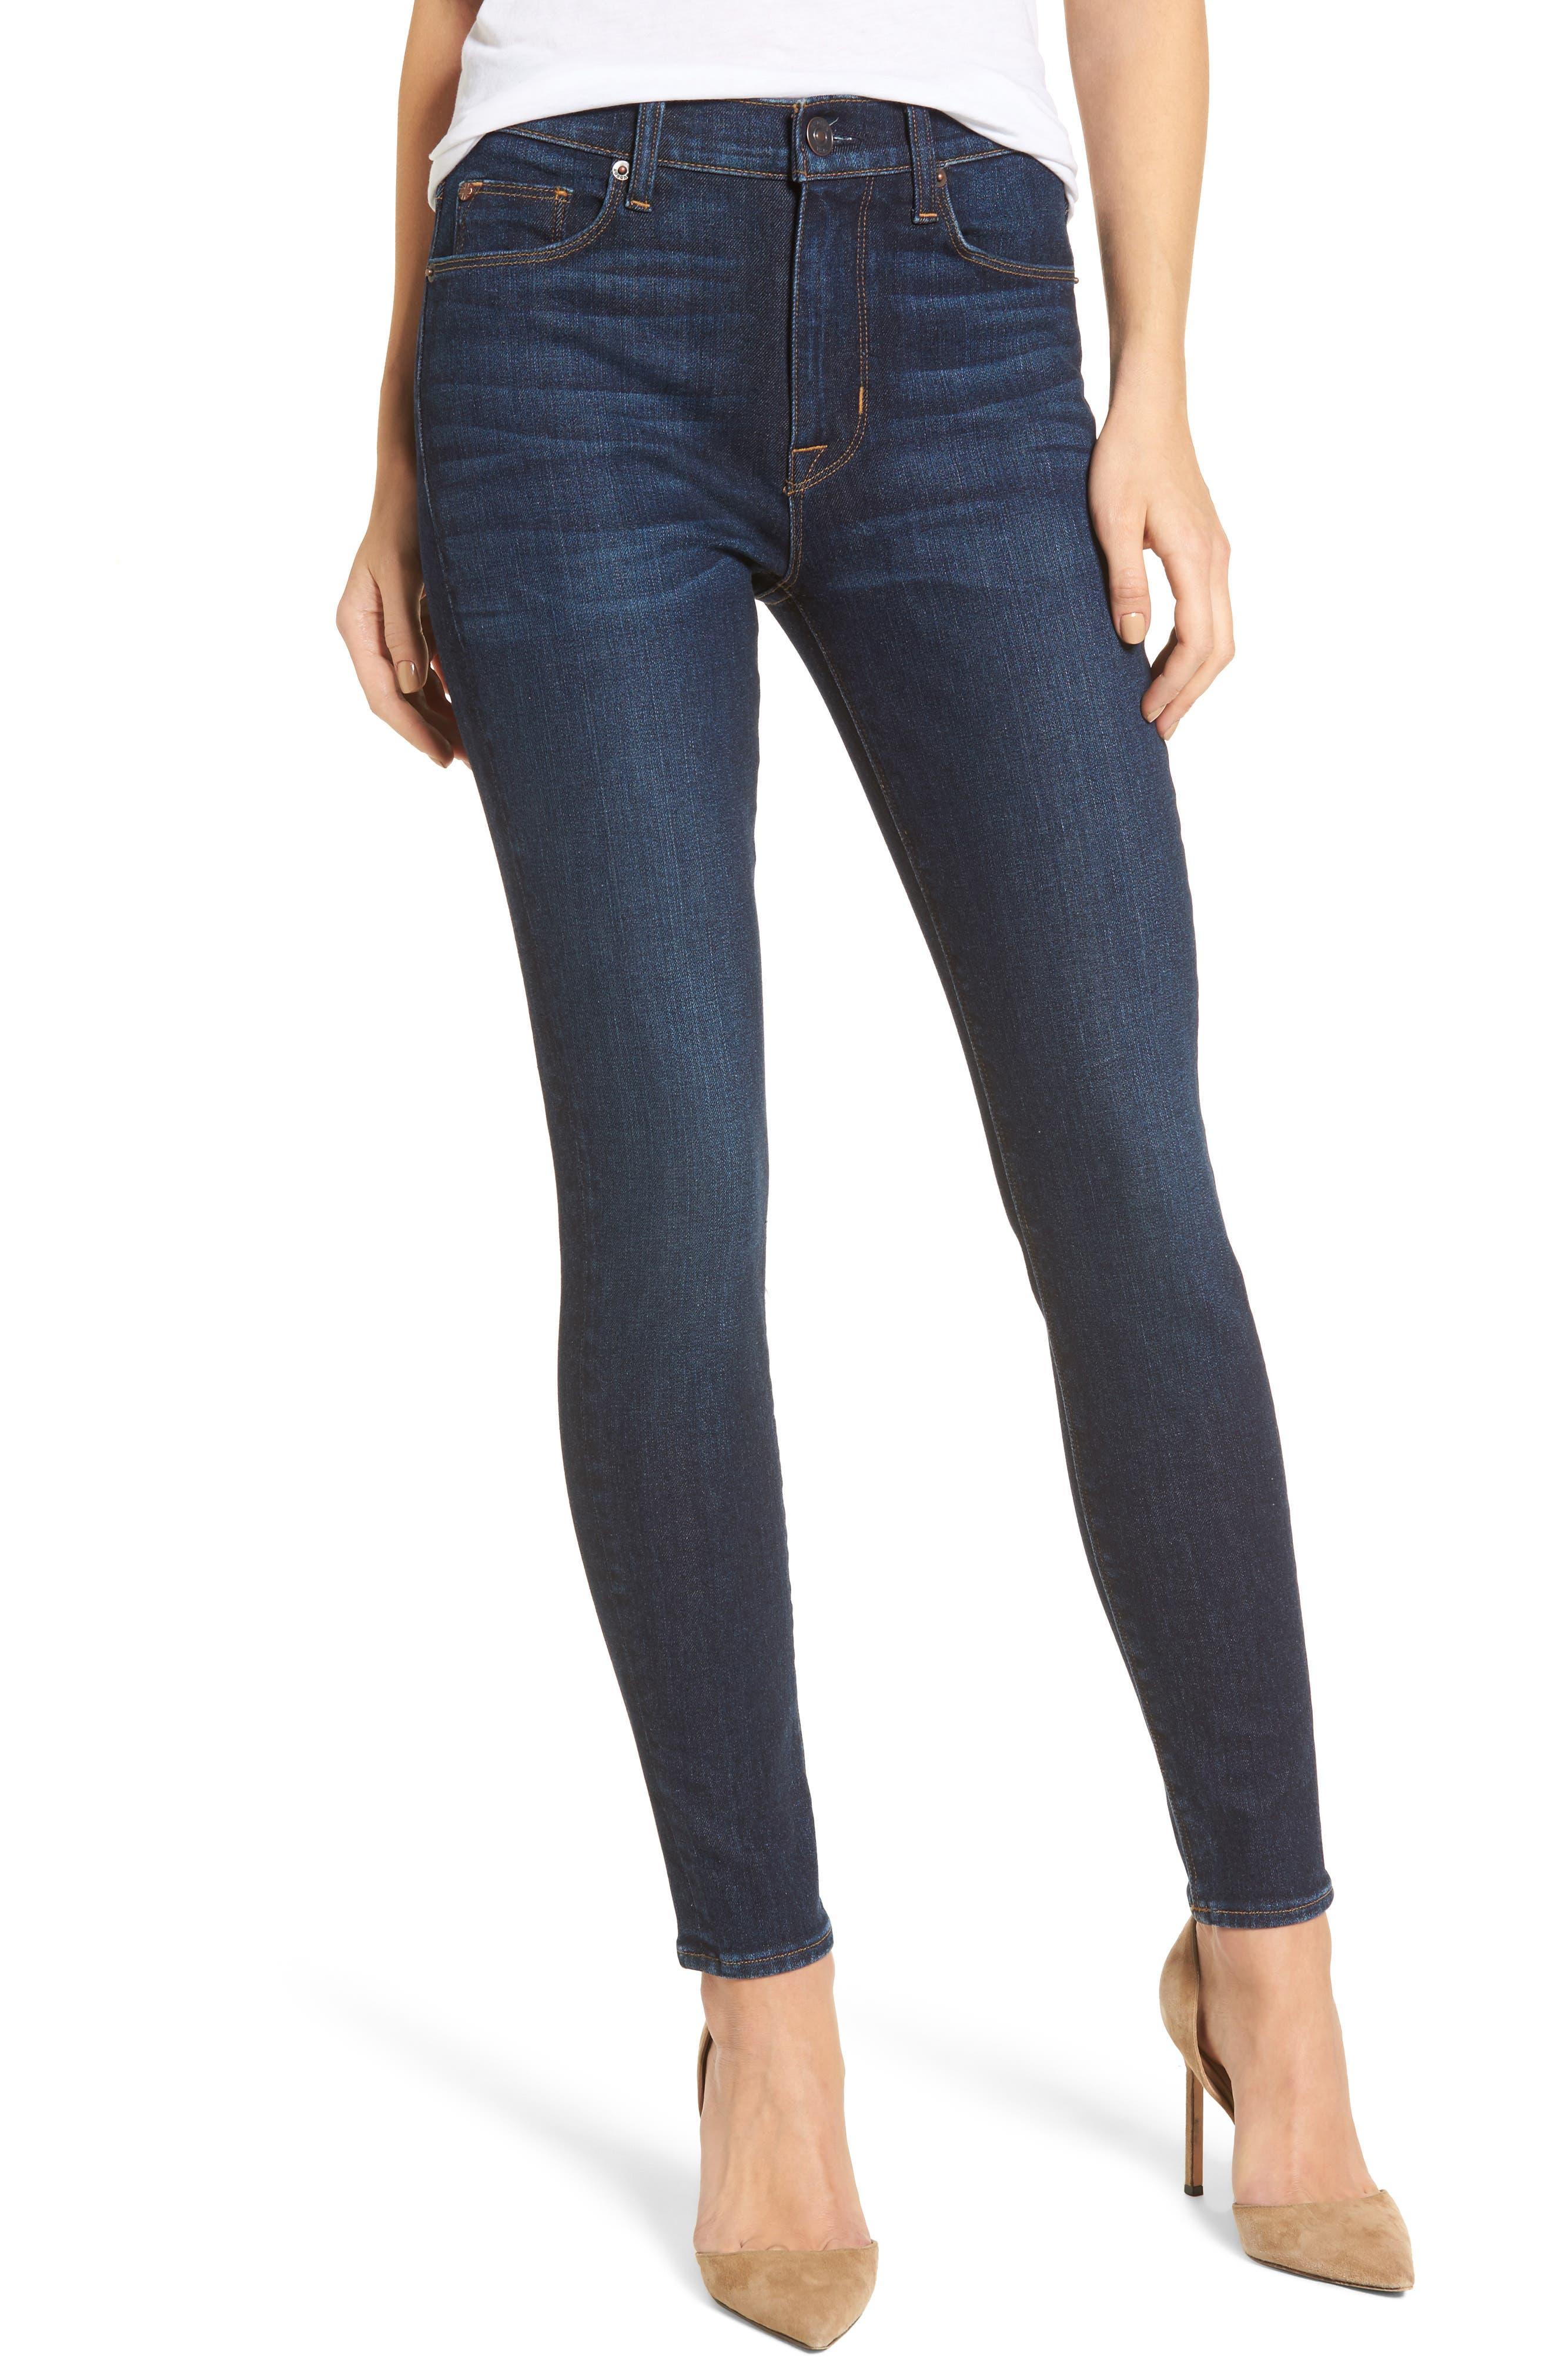 Alternate Image 1 Selected - Hudson Jeans Barbara High Waist Ankle Super Skinny Jeans (Daze)